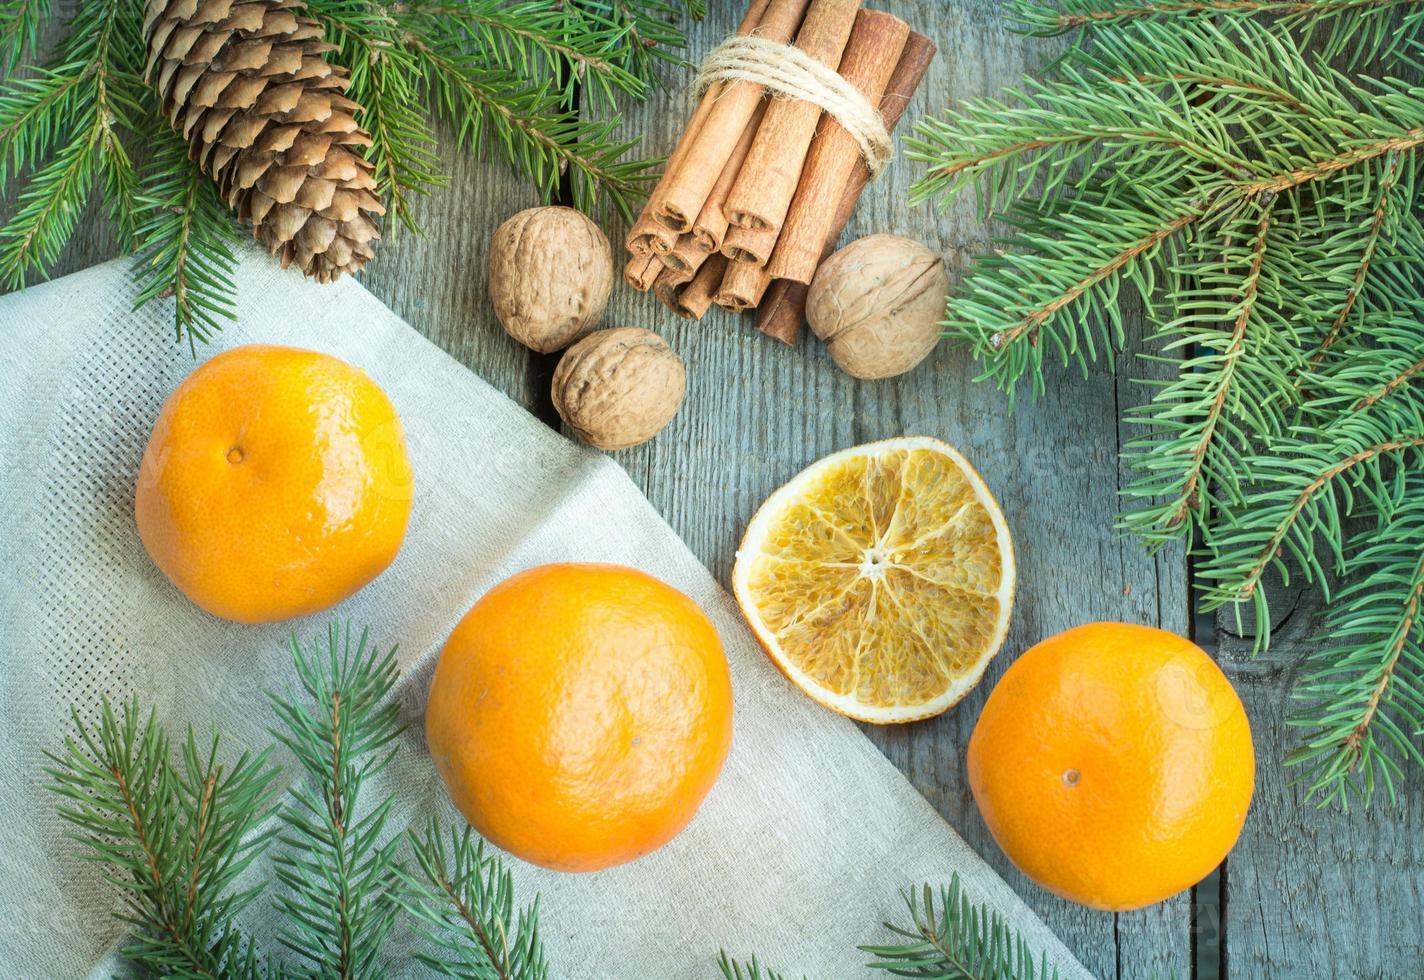 natale ancora in vita con mandarini e cannella. vista dall'alto. foto